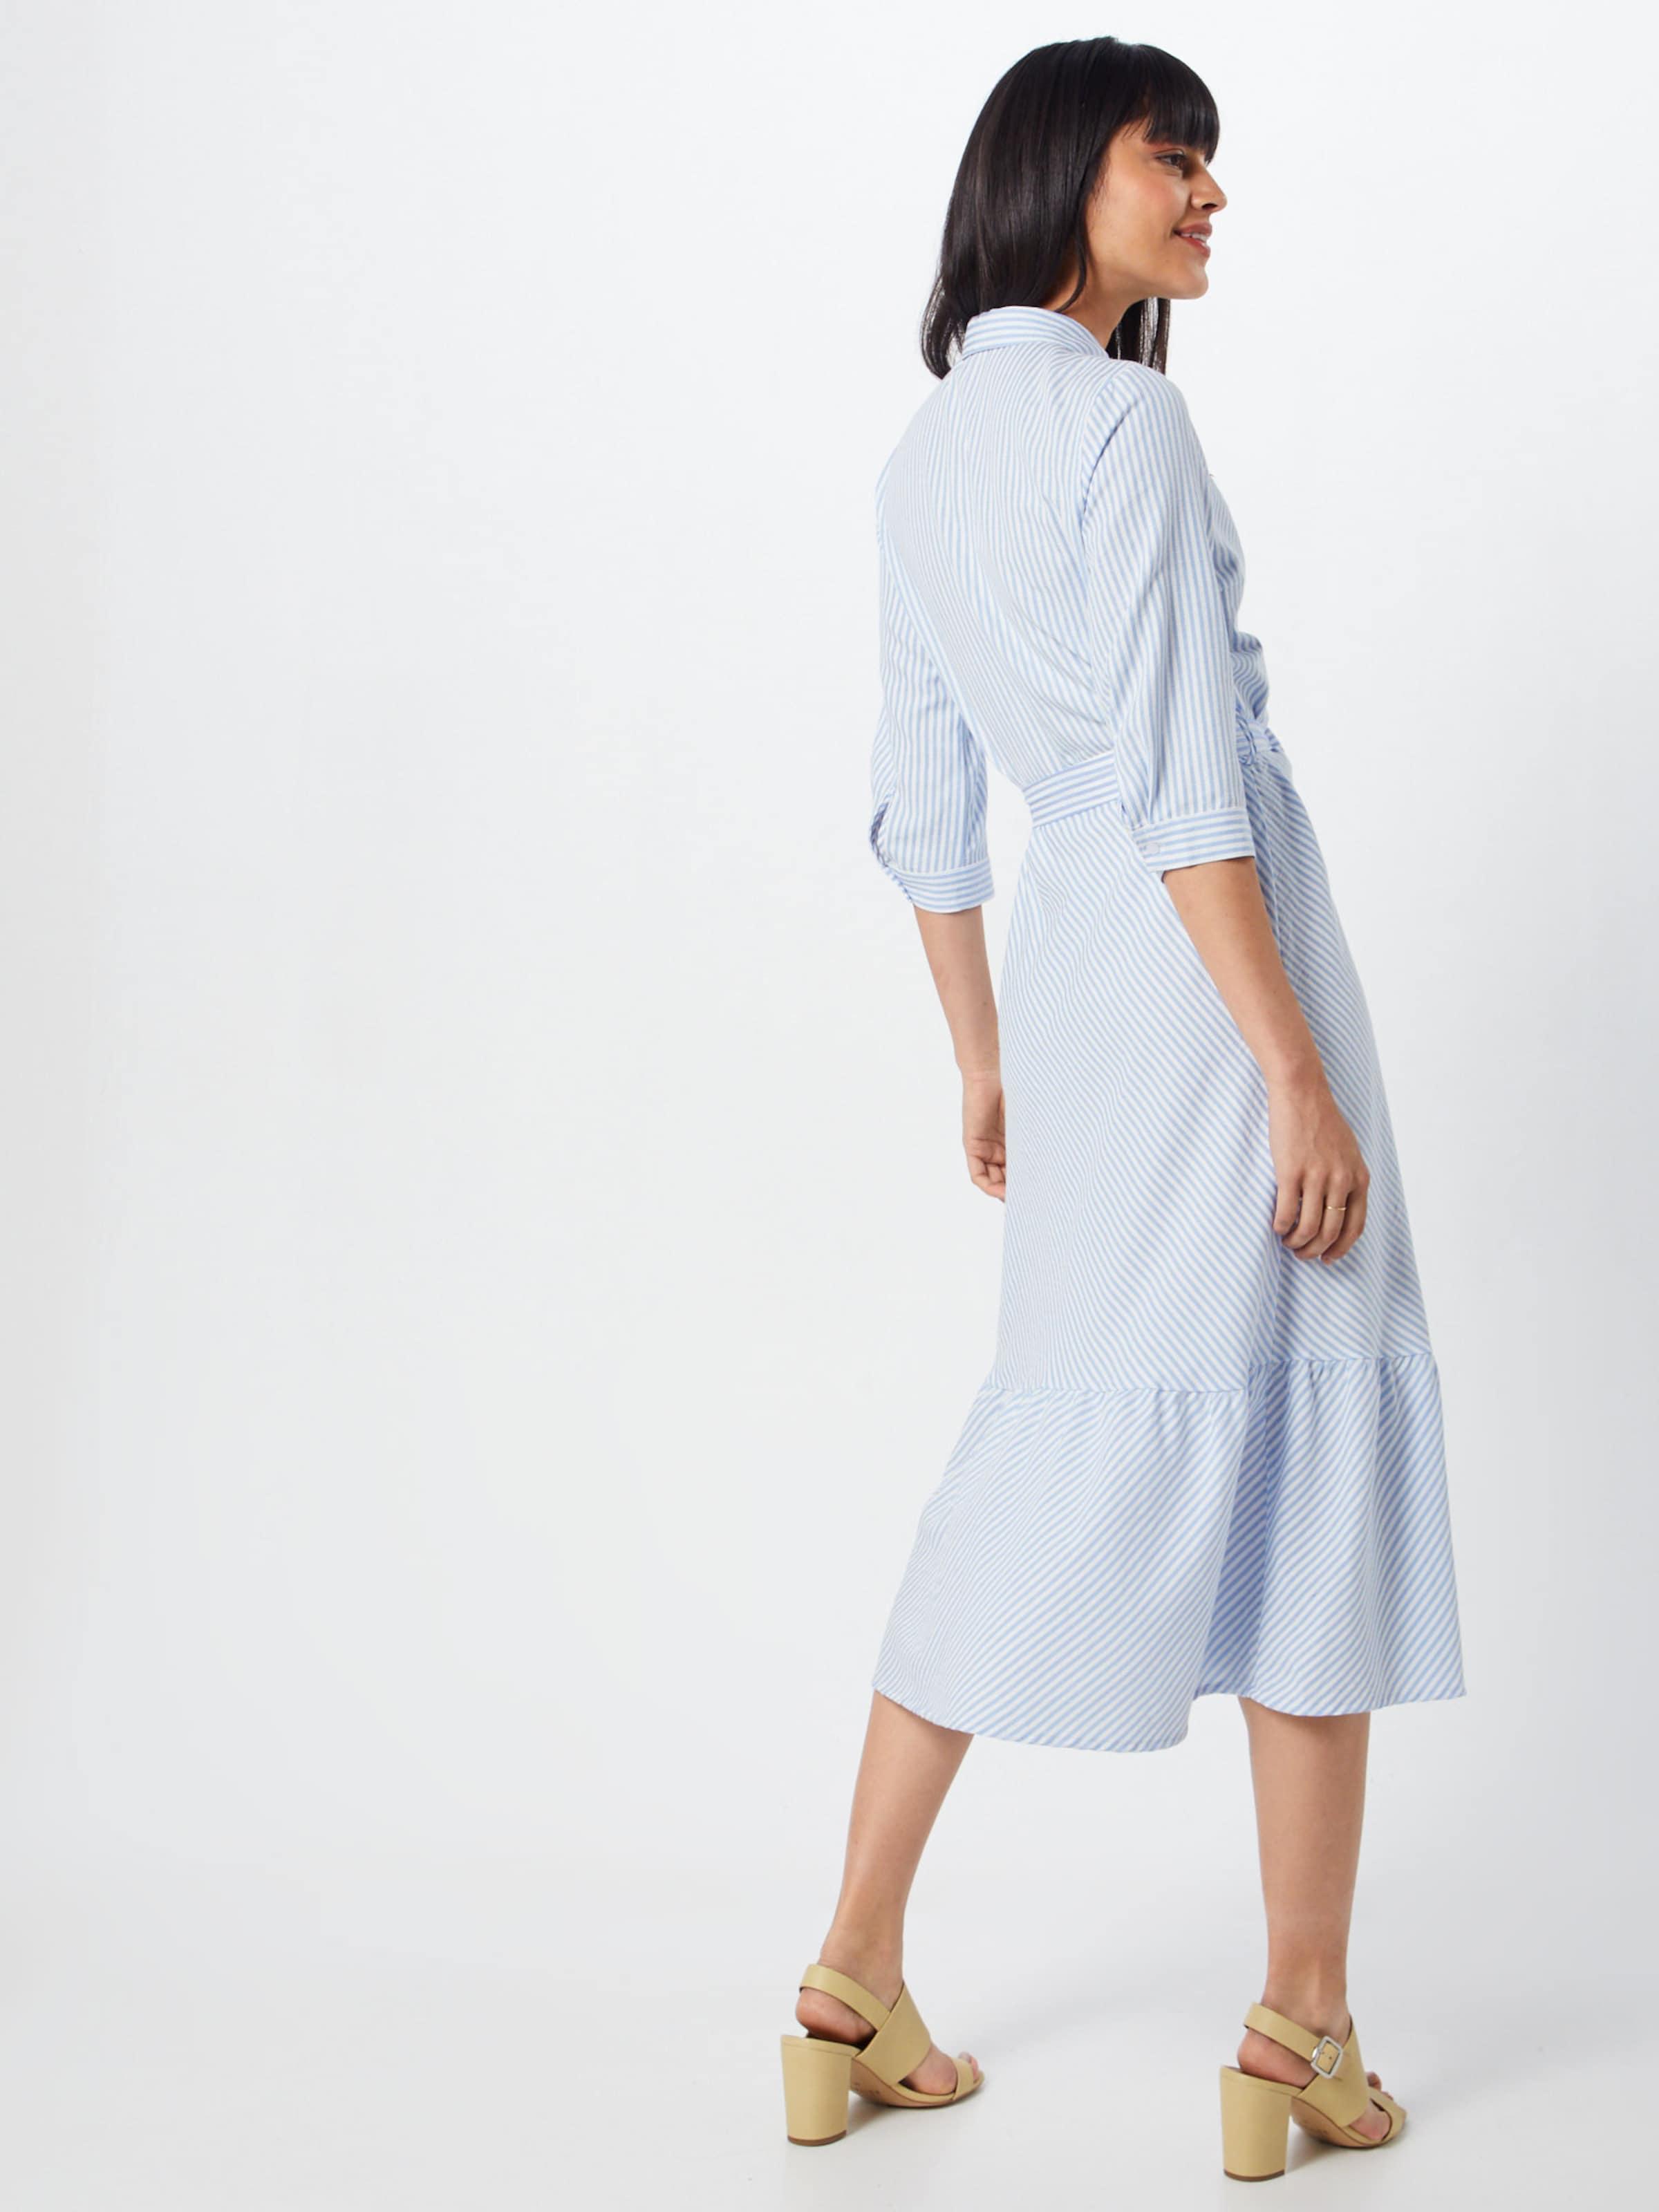 neueste trends von 2019 neueste großer Rabatt S oliver HellblauWeiß Red Label Blusenkleid In shtQrdC